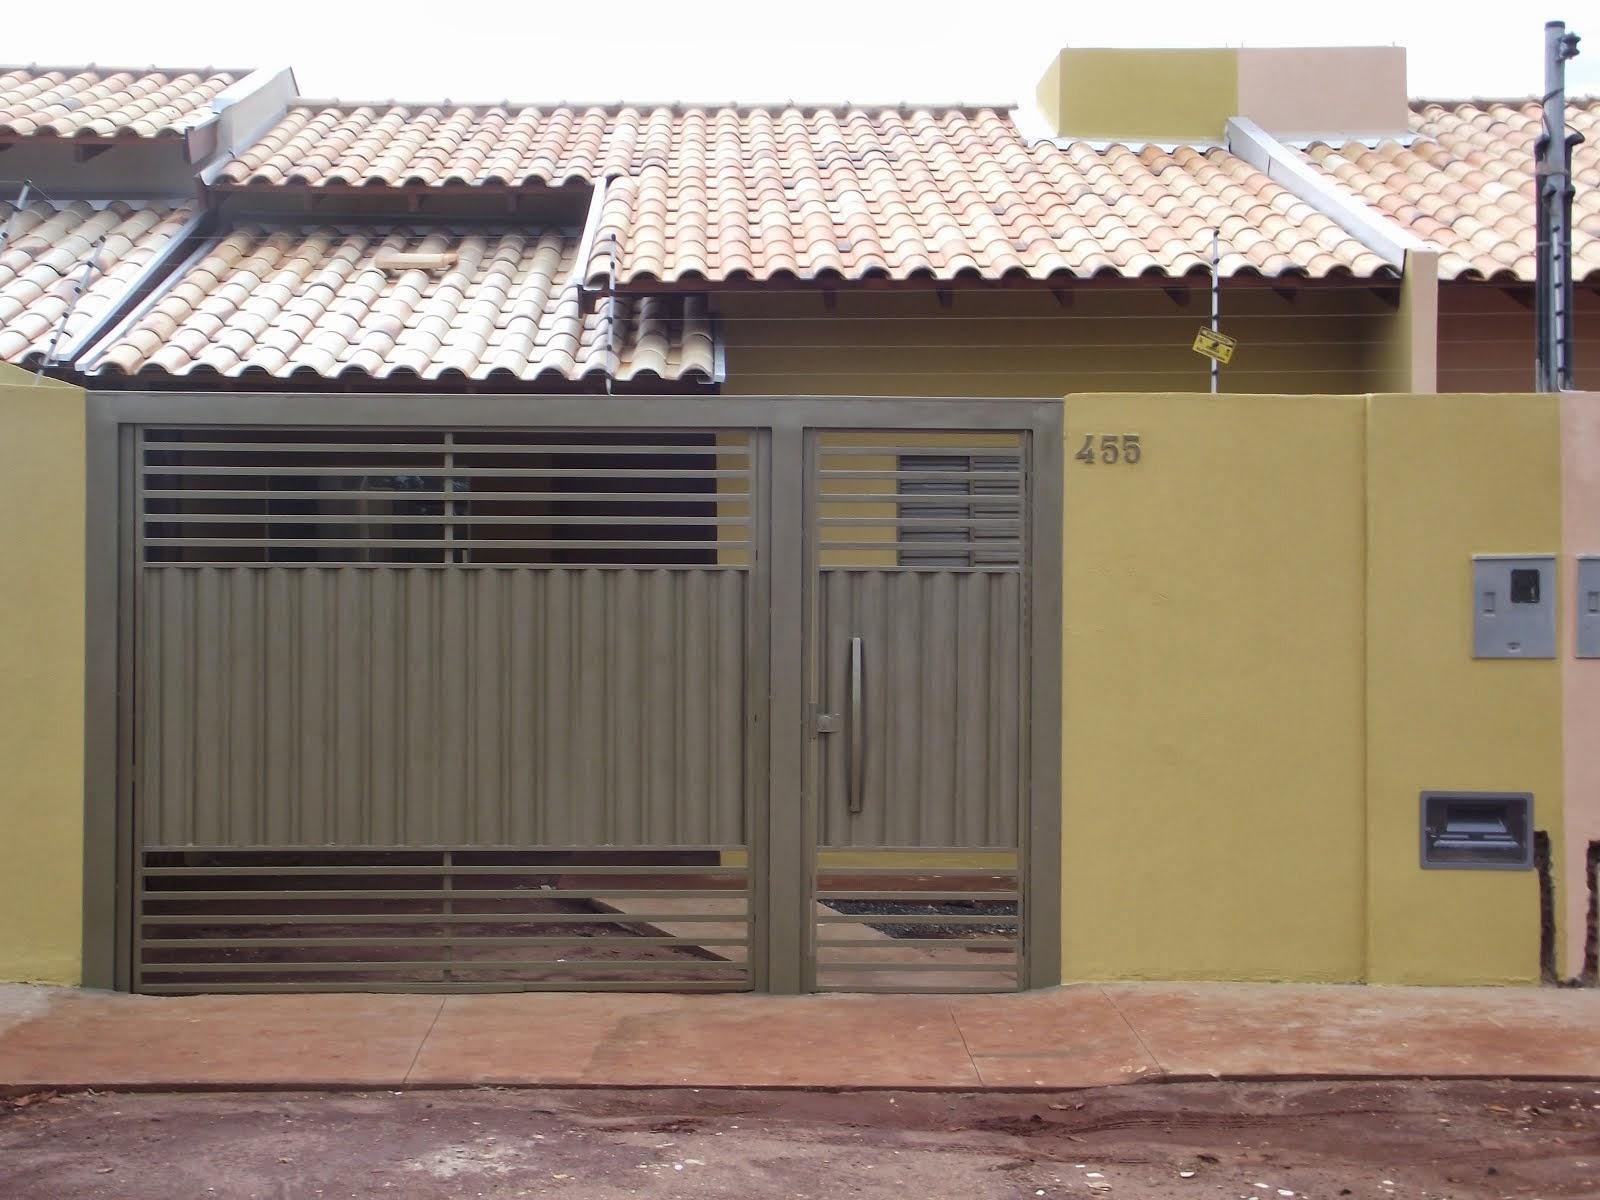 04 CASAS JD. ITAMARACÁ ENTRADA FACILITADA #80664B 1600x1200 Banheiro Azulejado